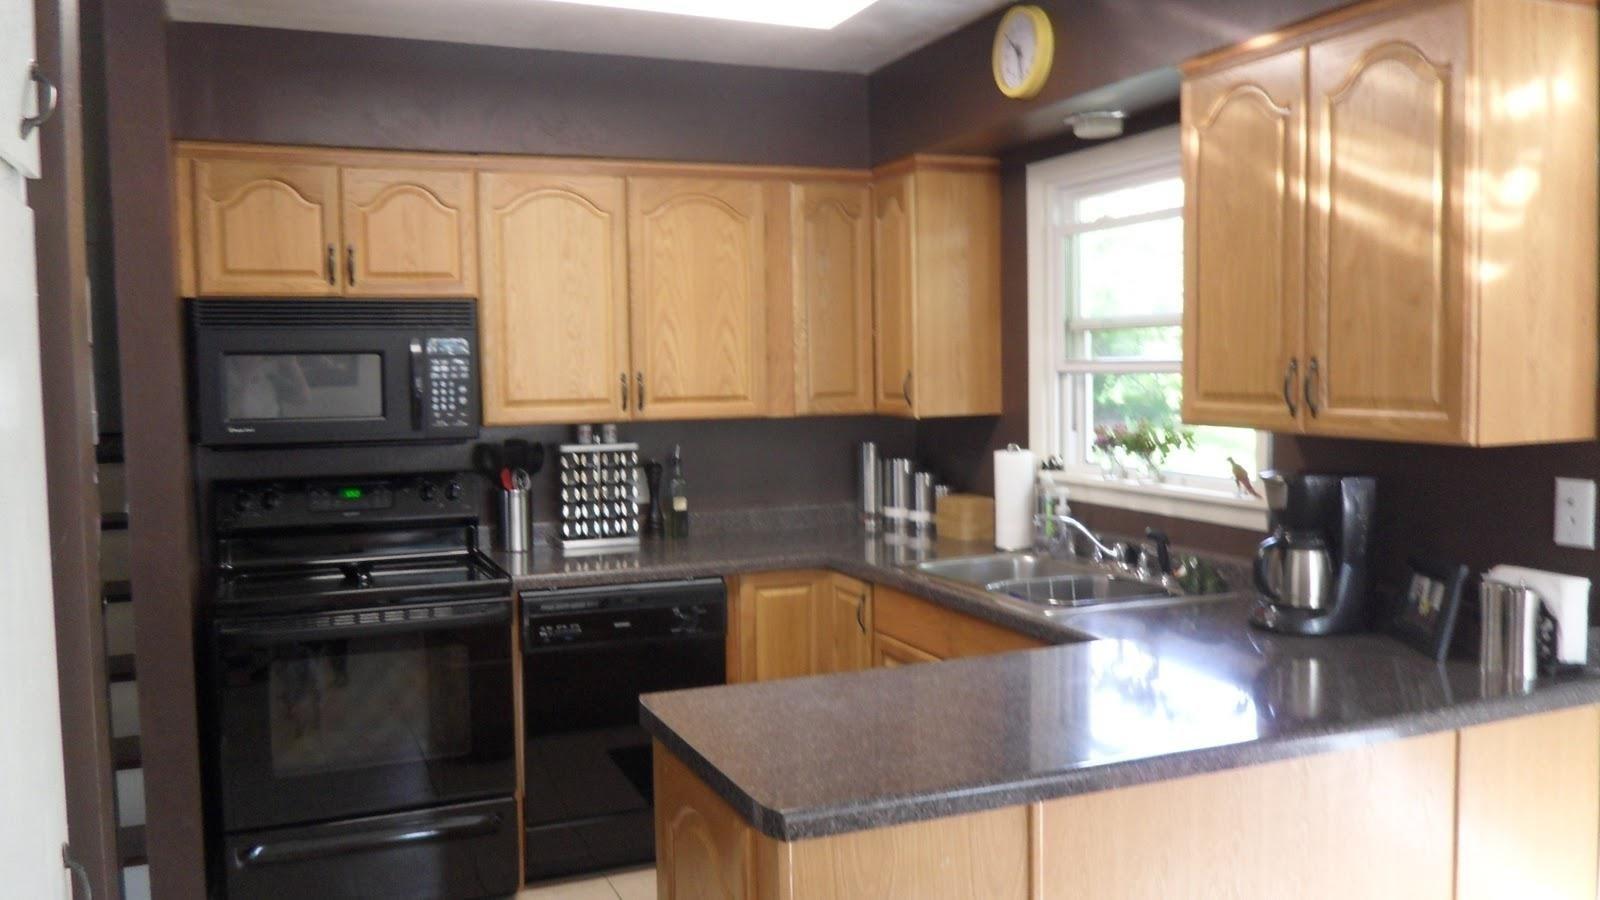 10 Fantastic Kitchen Color Ideas With Oak Cabinets kitchen wall colors with oak cabinets awesome house best kitchen 2020